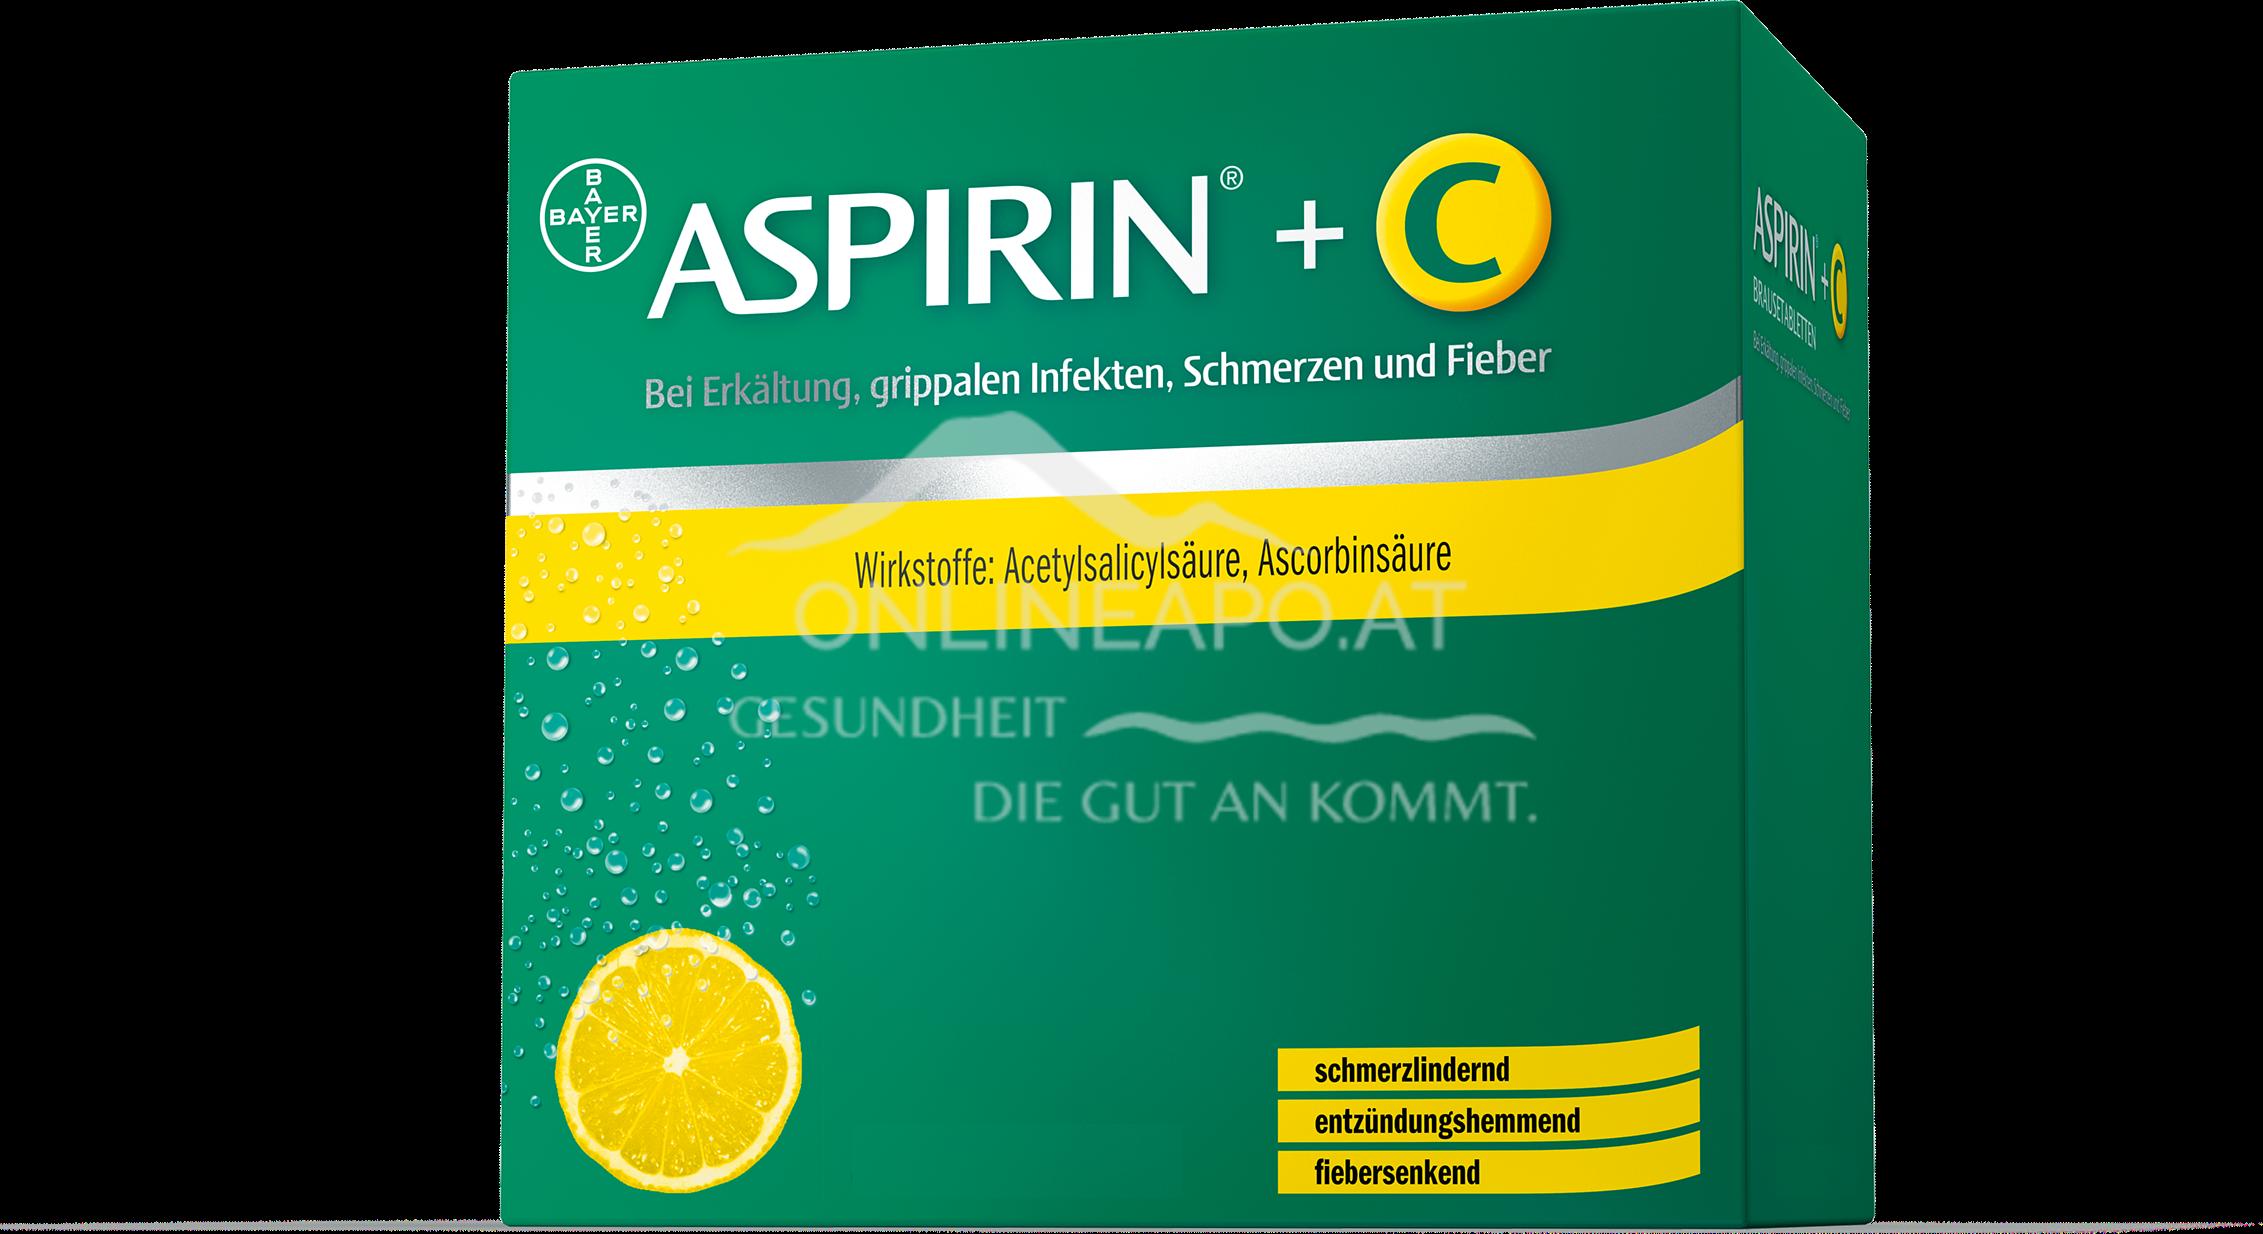 Aspirin®+C - Brausetabetten